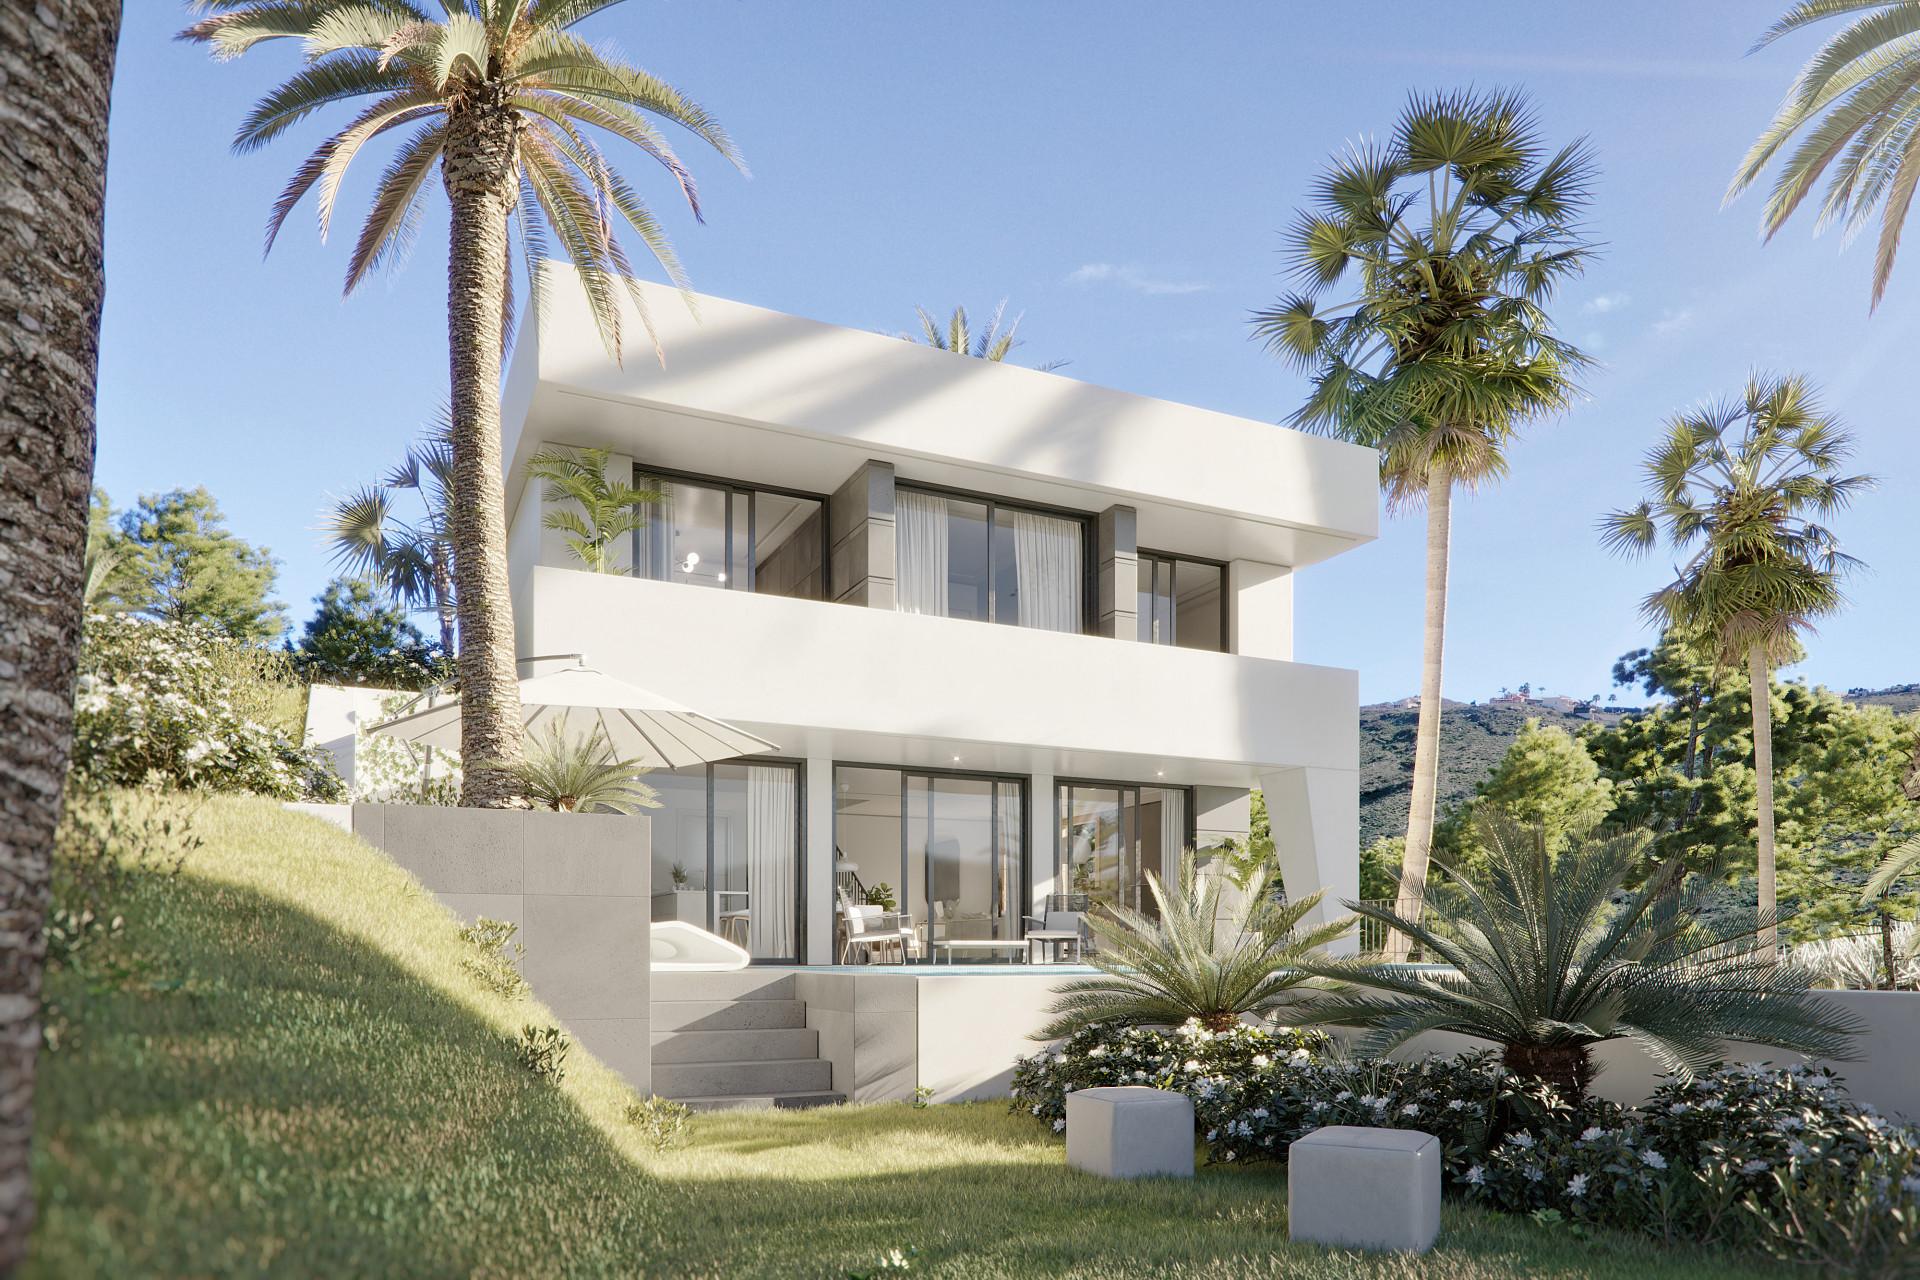 Villa for sale in Benalmadena Costa, Benalmadena